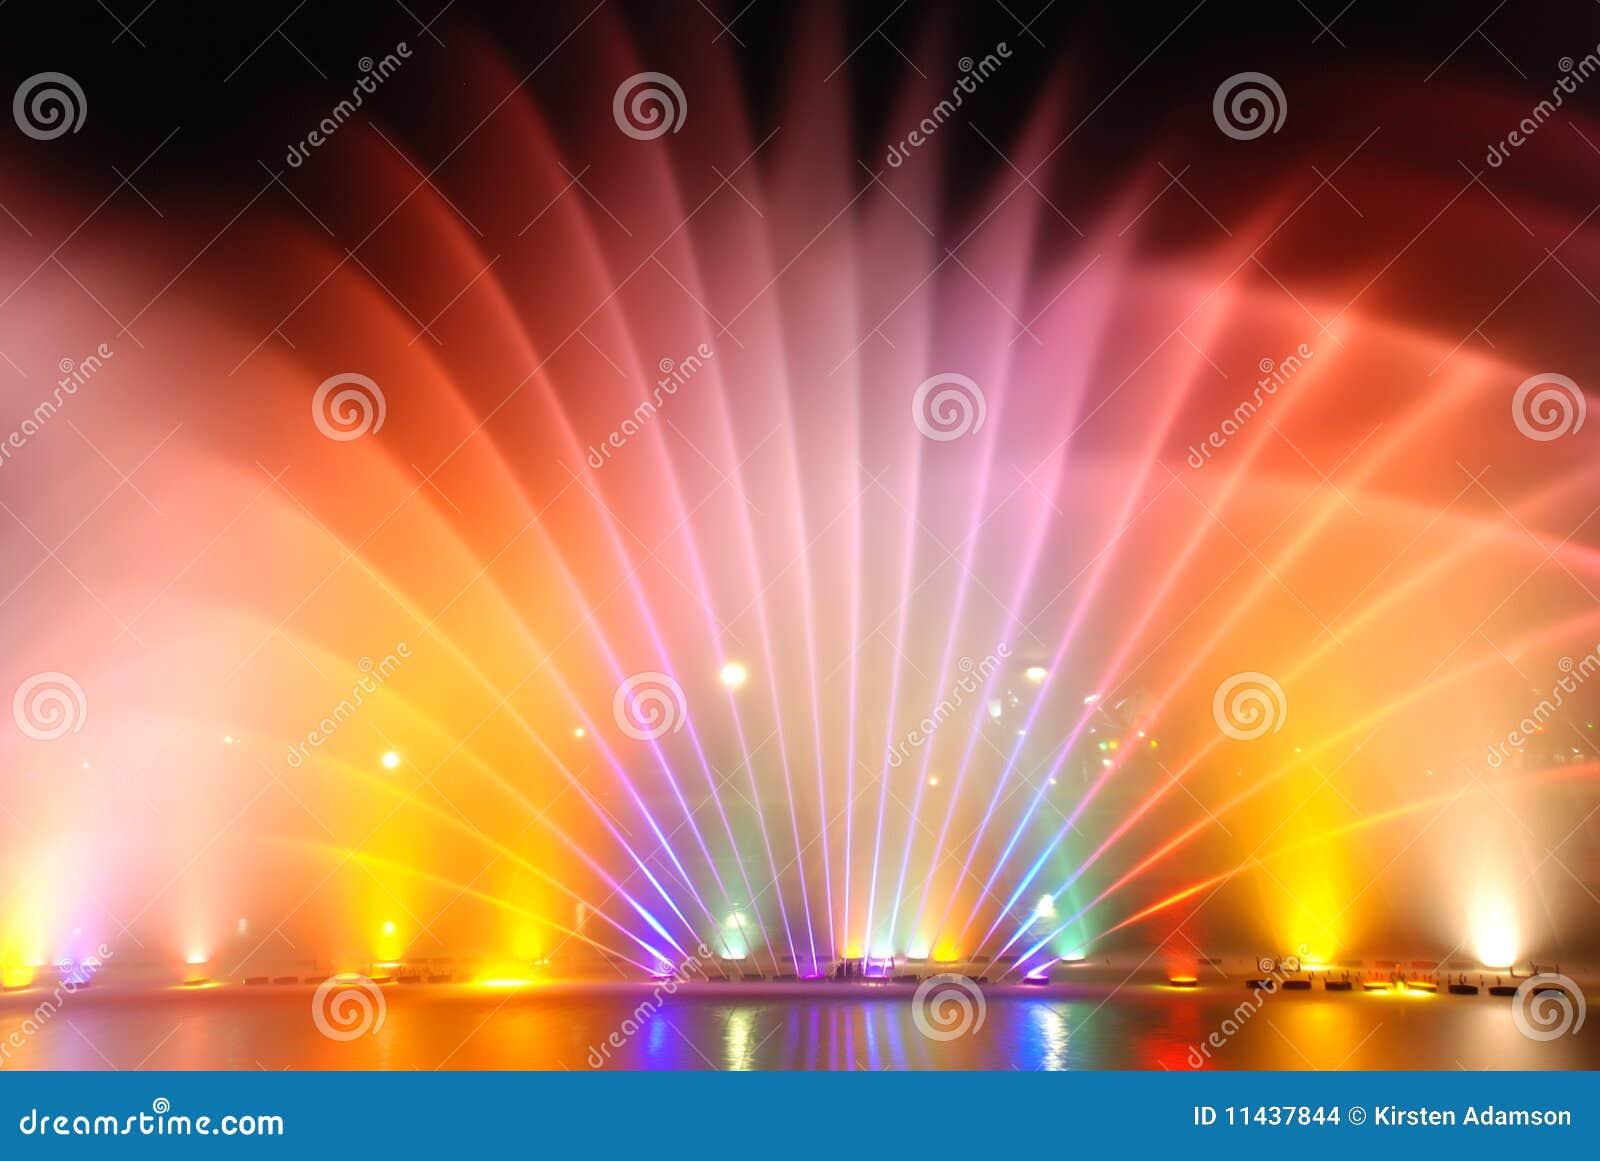 Fontes coloridas musicais